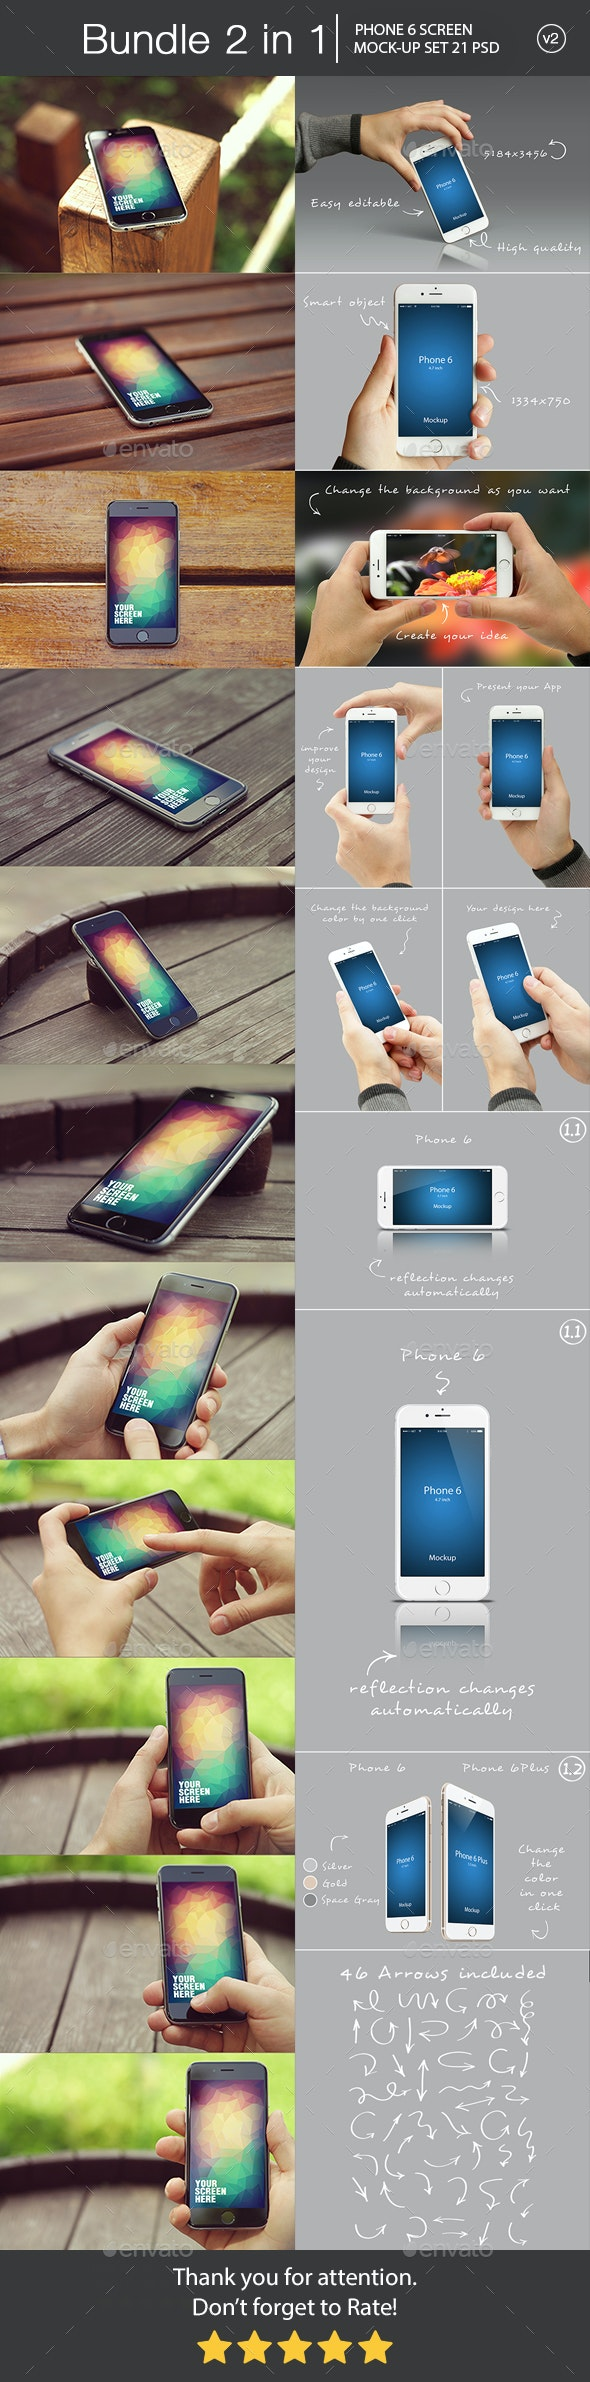 iPhone 6 Mockup Bundle 2 in 1 v2 - Mobile Displays